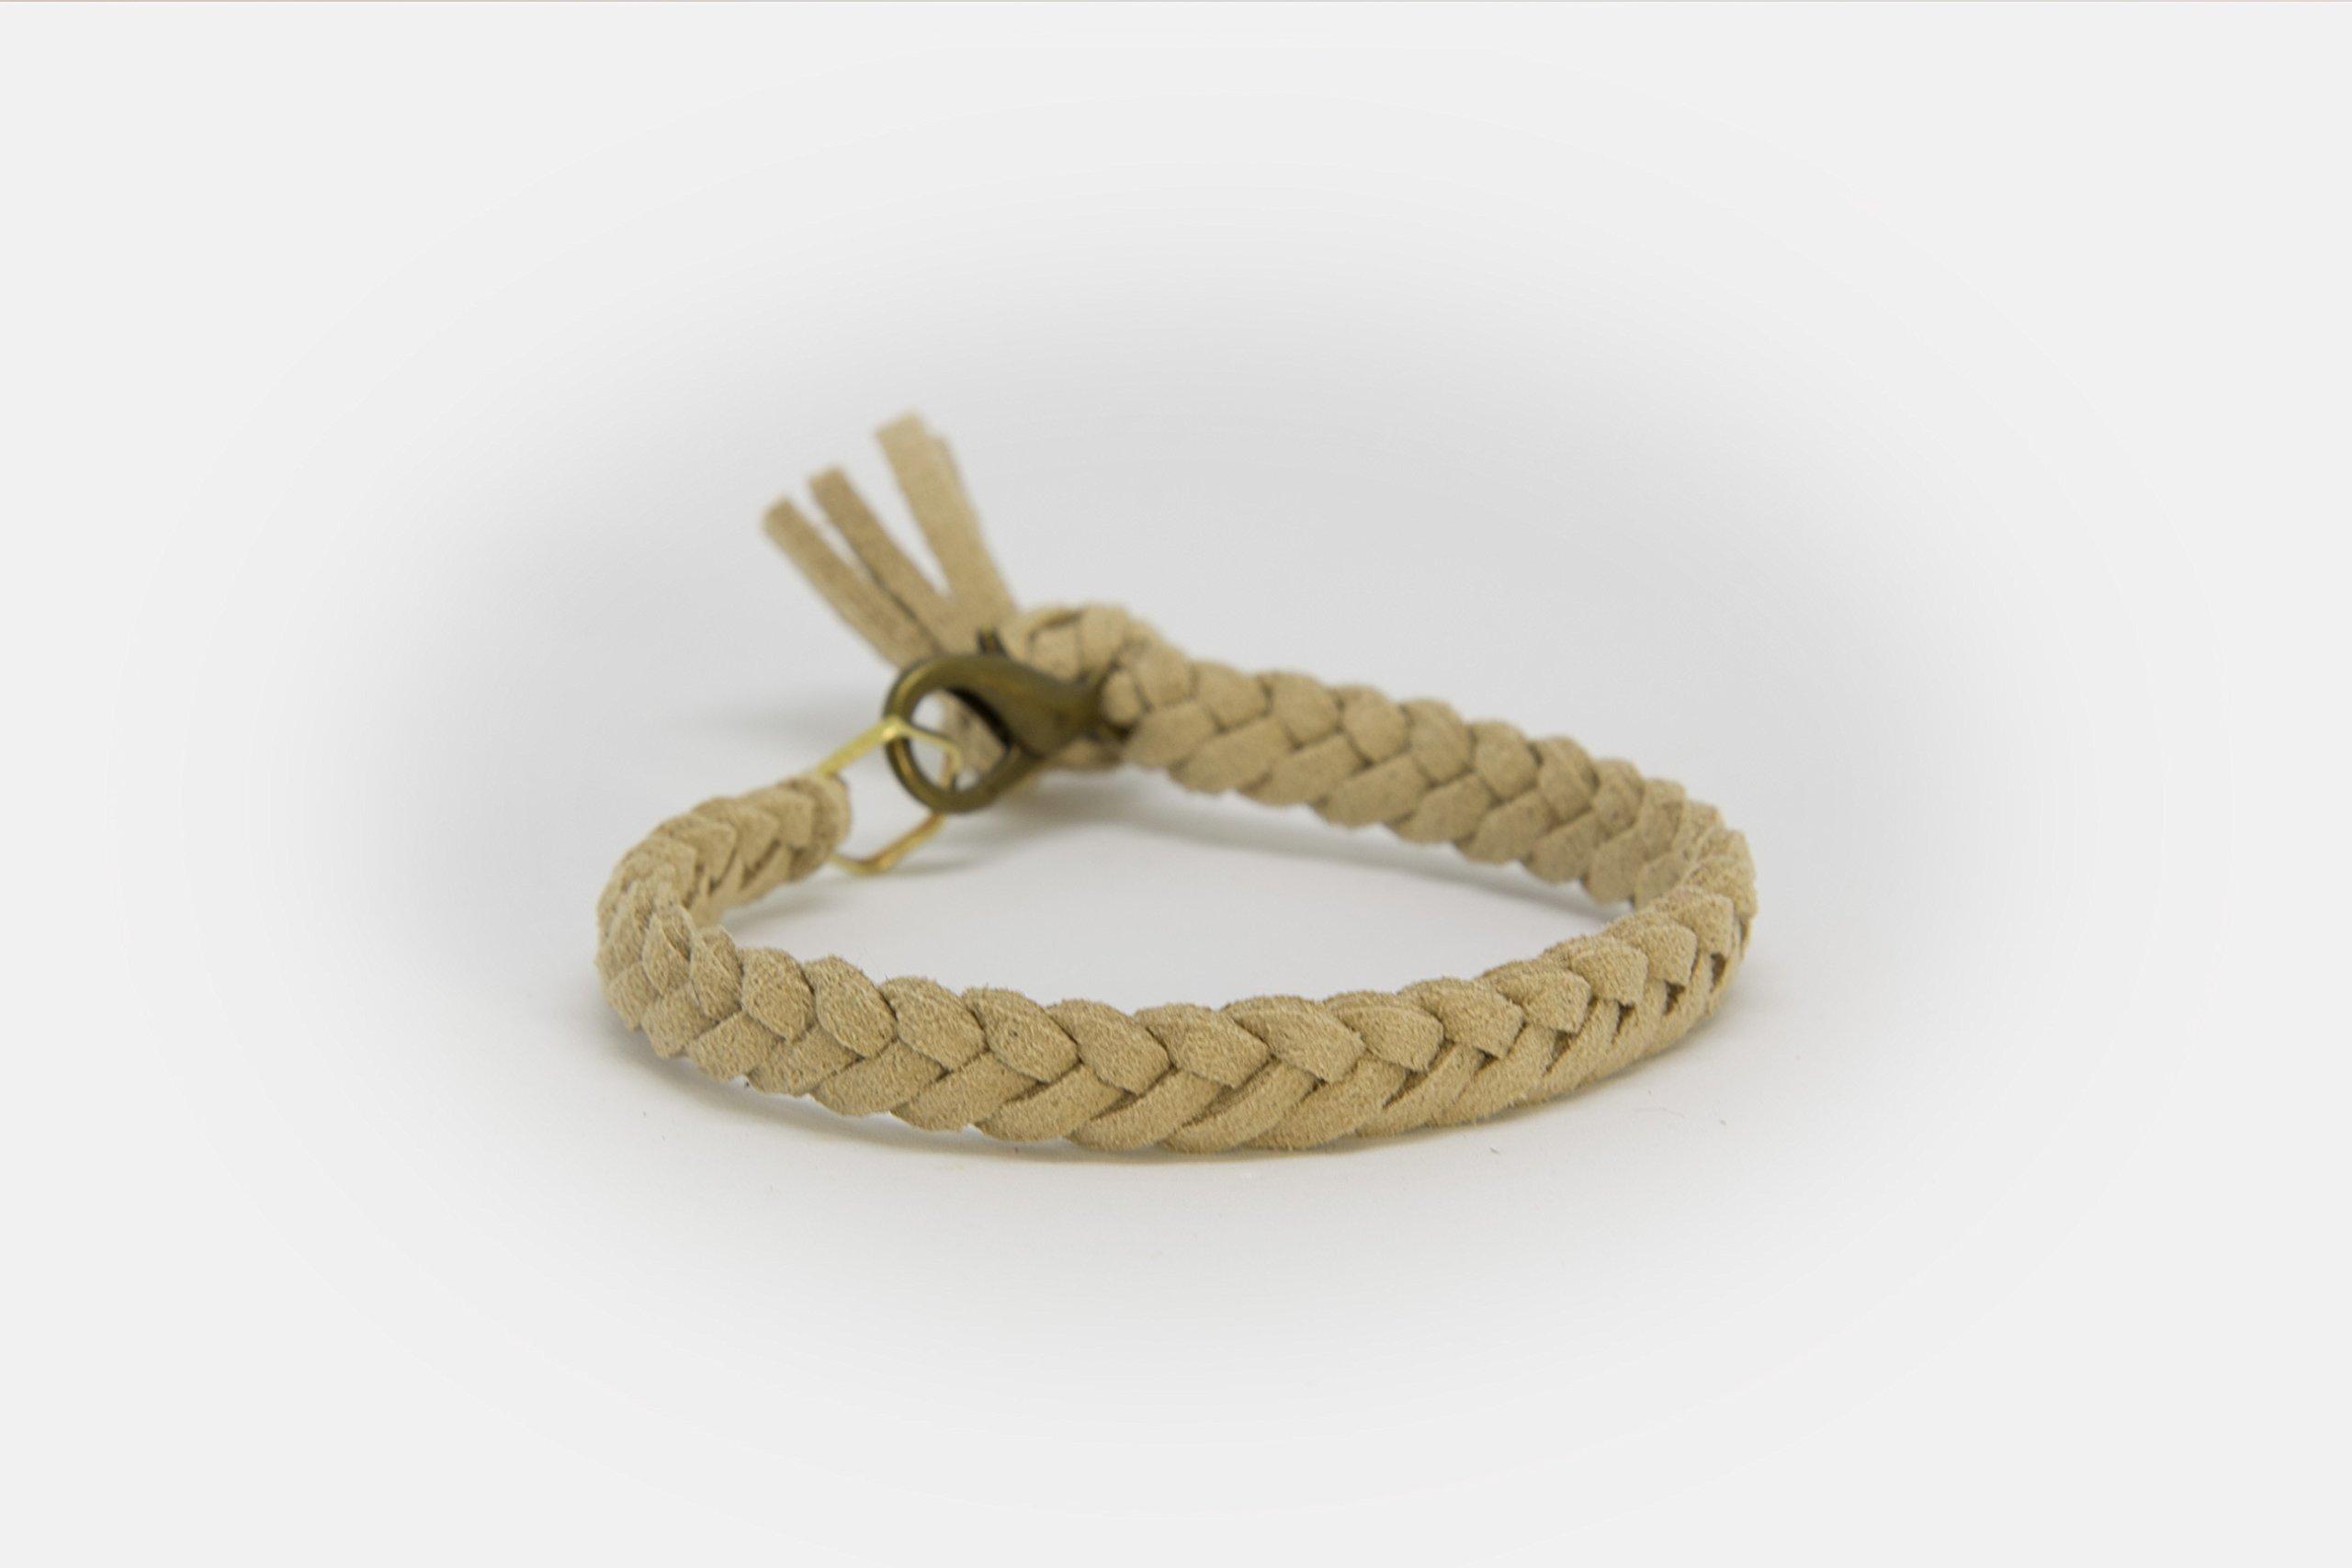 LoilJ Essential Oil Diffusing Bracelet - Braided 6in Oat Beige